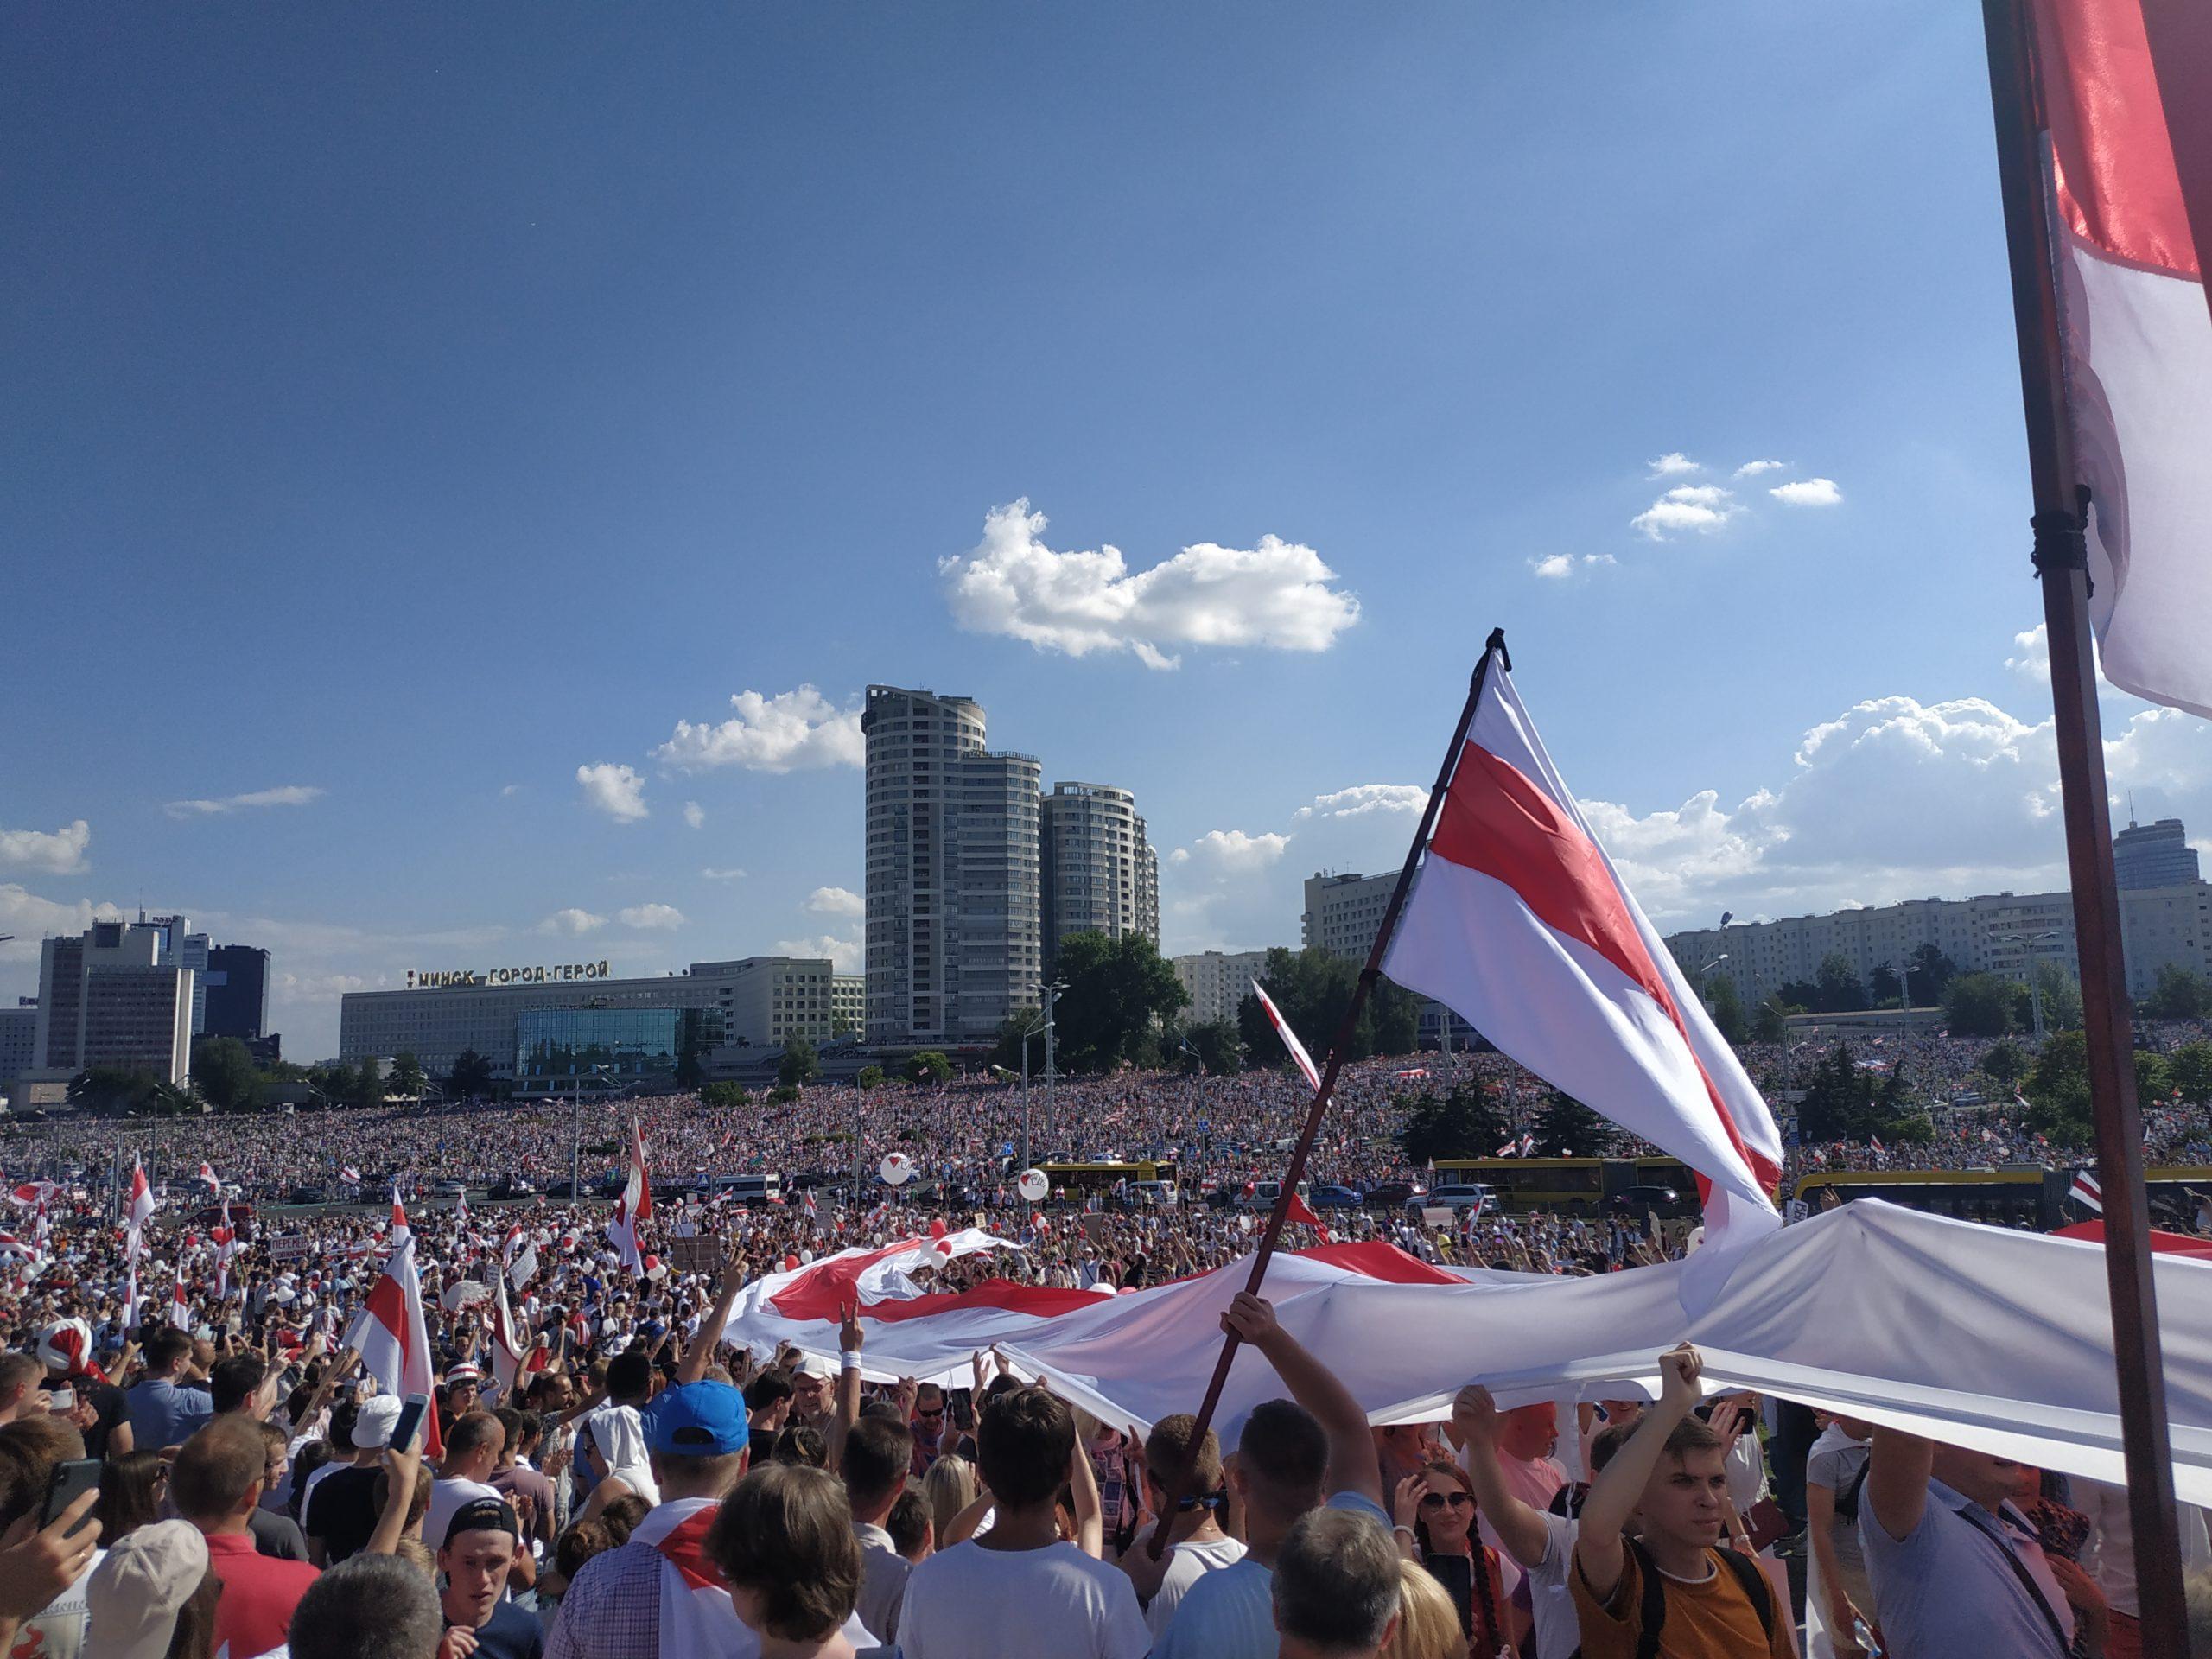 Valkovenäläiset ovat yhtä mieltä ainakin maan nimestä. Kuva: Wikimedia Commons